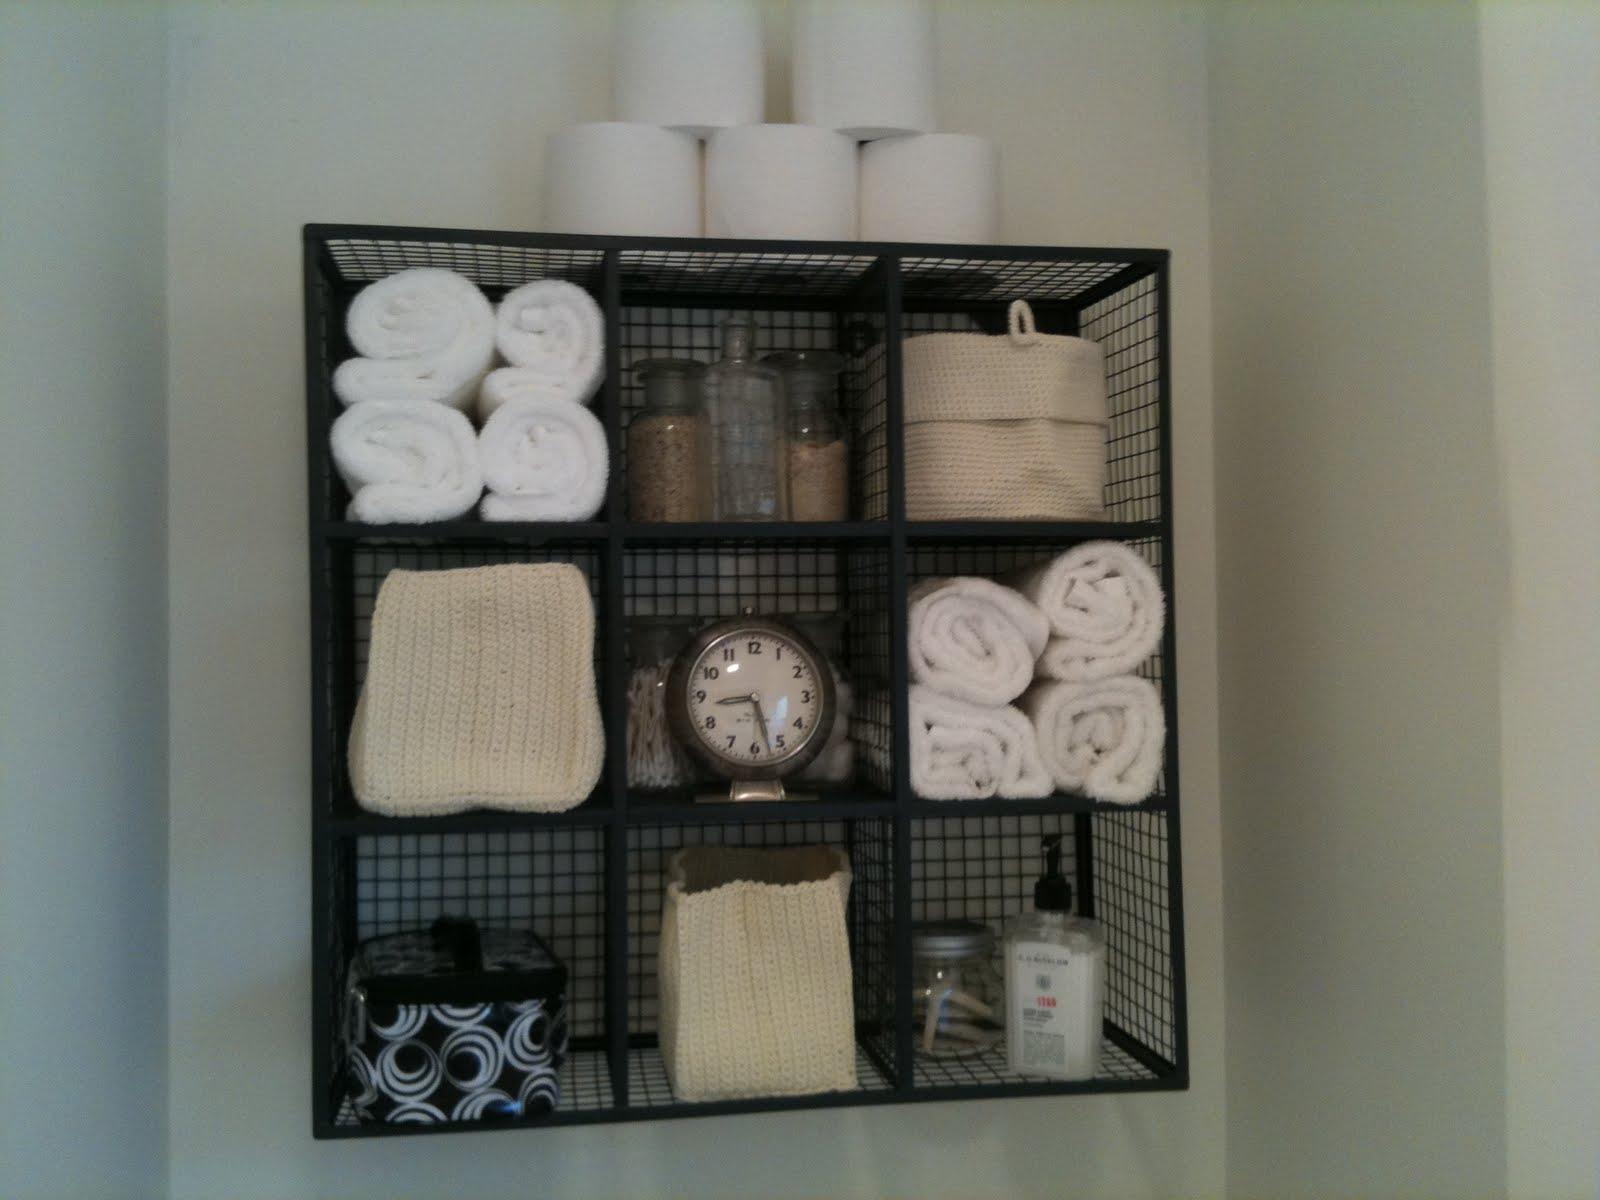 17 Brilliant Over The Toilet Storage Ideas regarding size 1600 X 1200